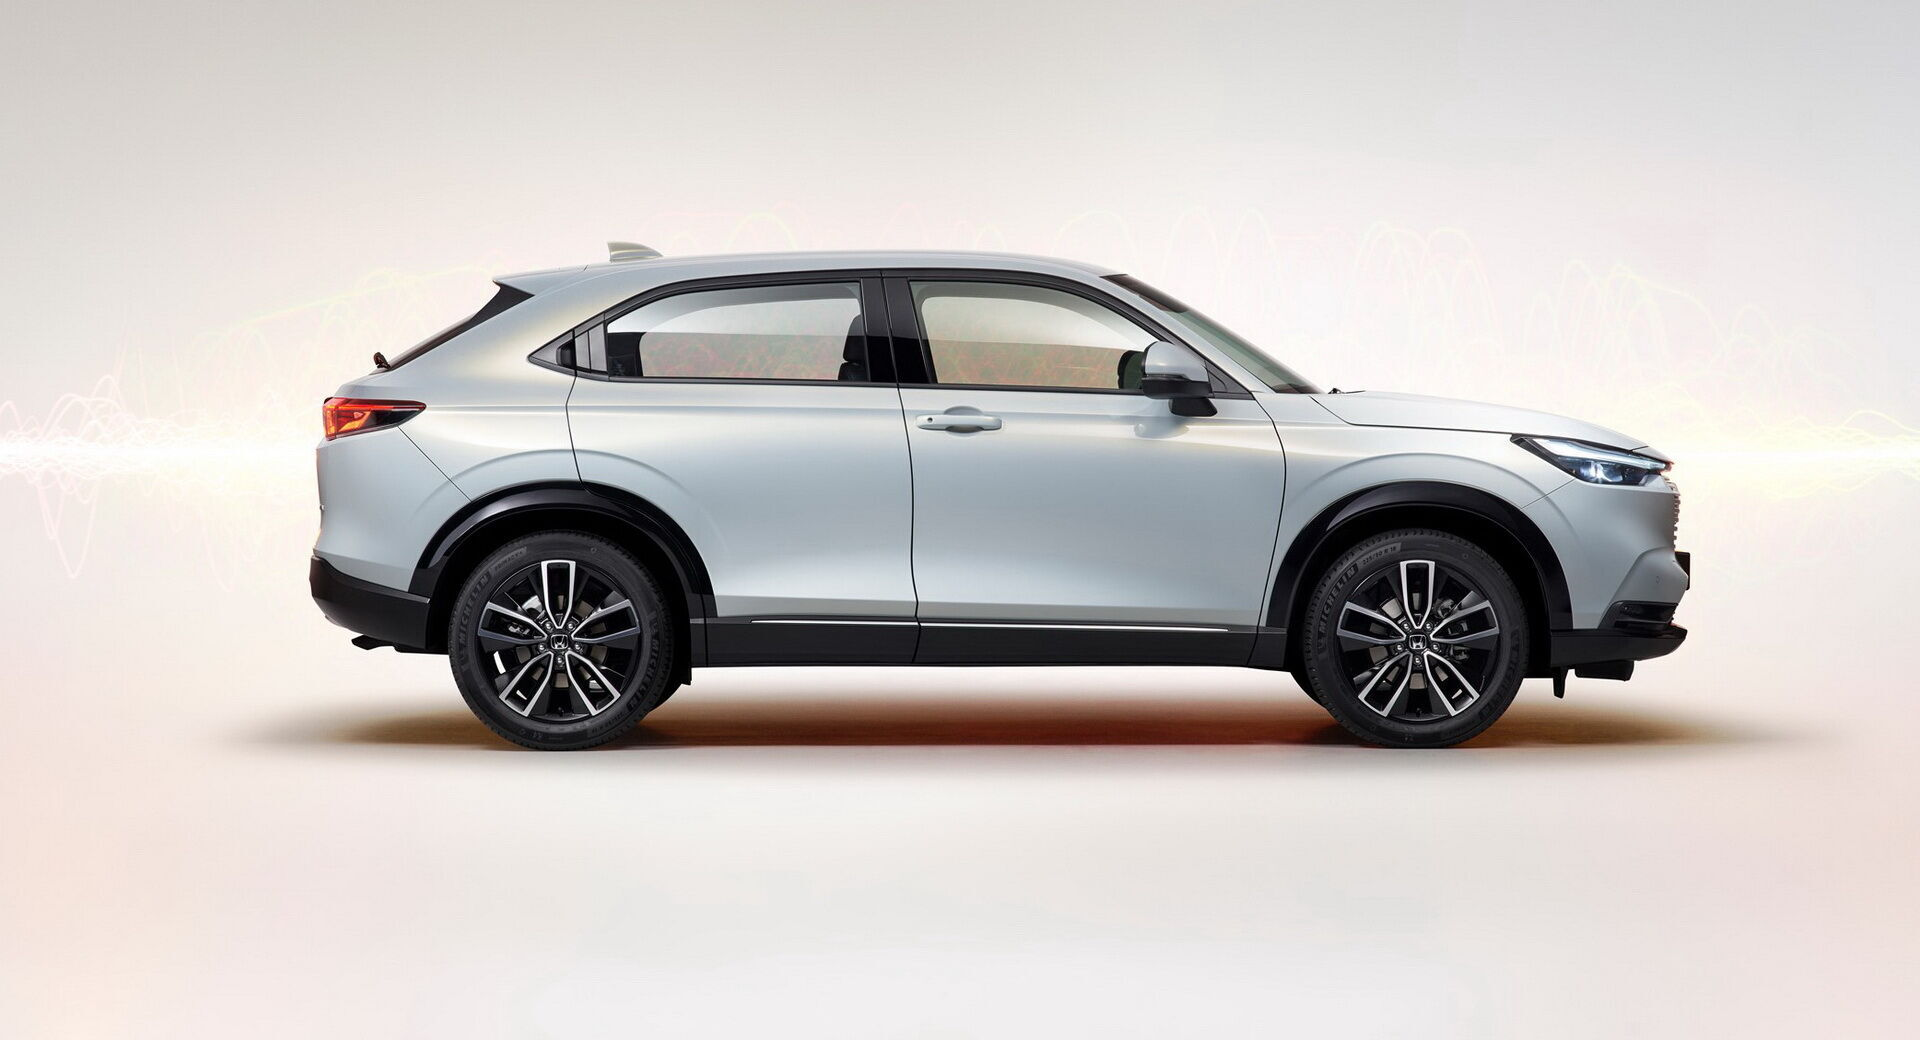 Автомобиль построен на модульной платформе, которая уже применяется на более крупной модели CR-V